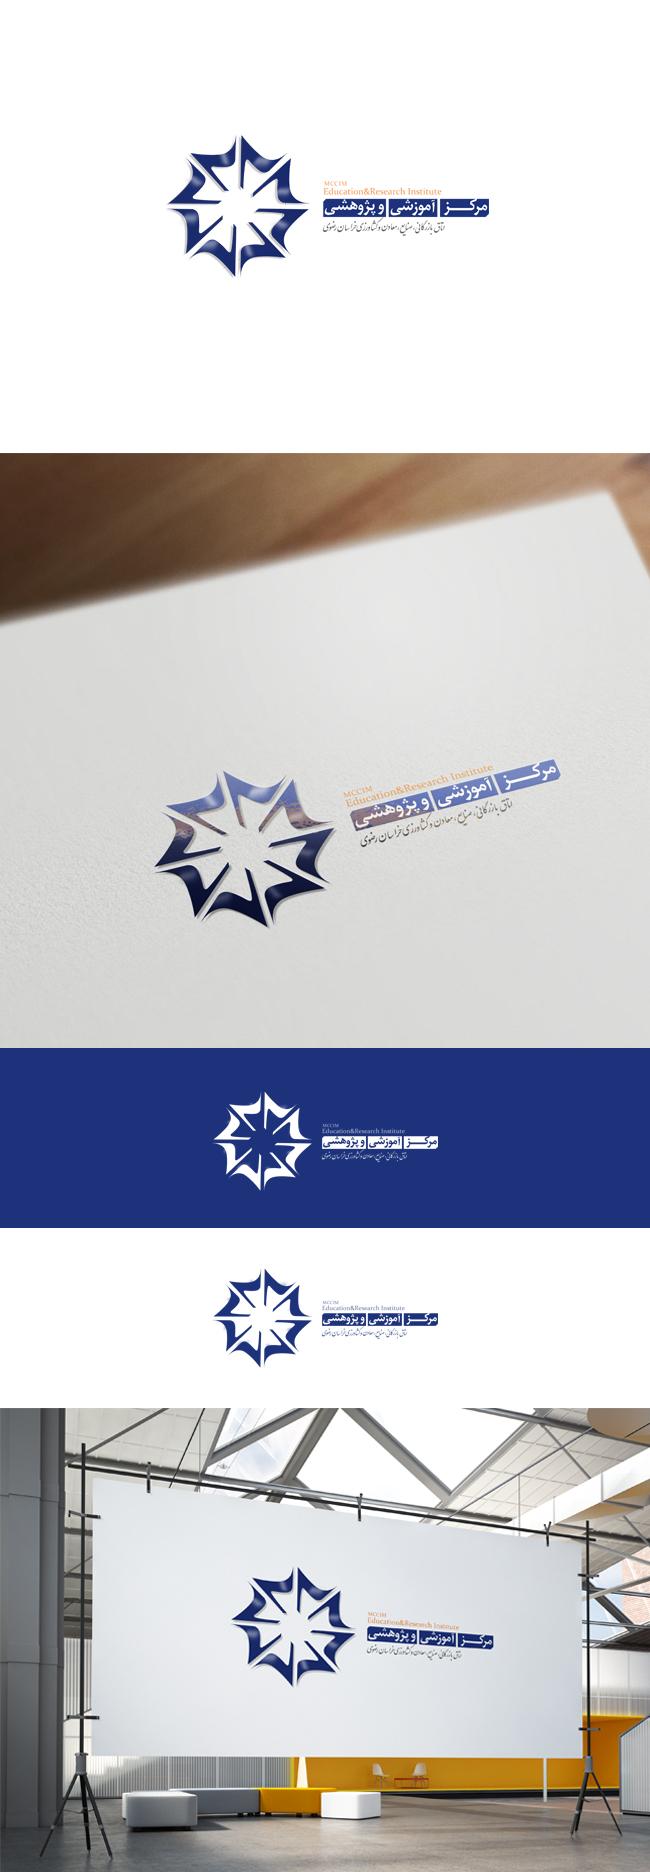 لوگو مرکز آموزش اتاق بازرگانی مشهد